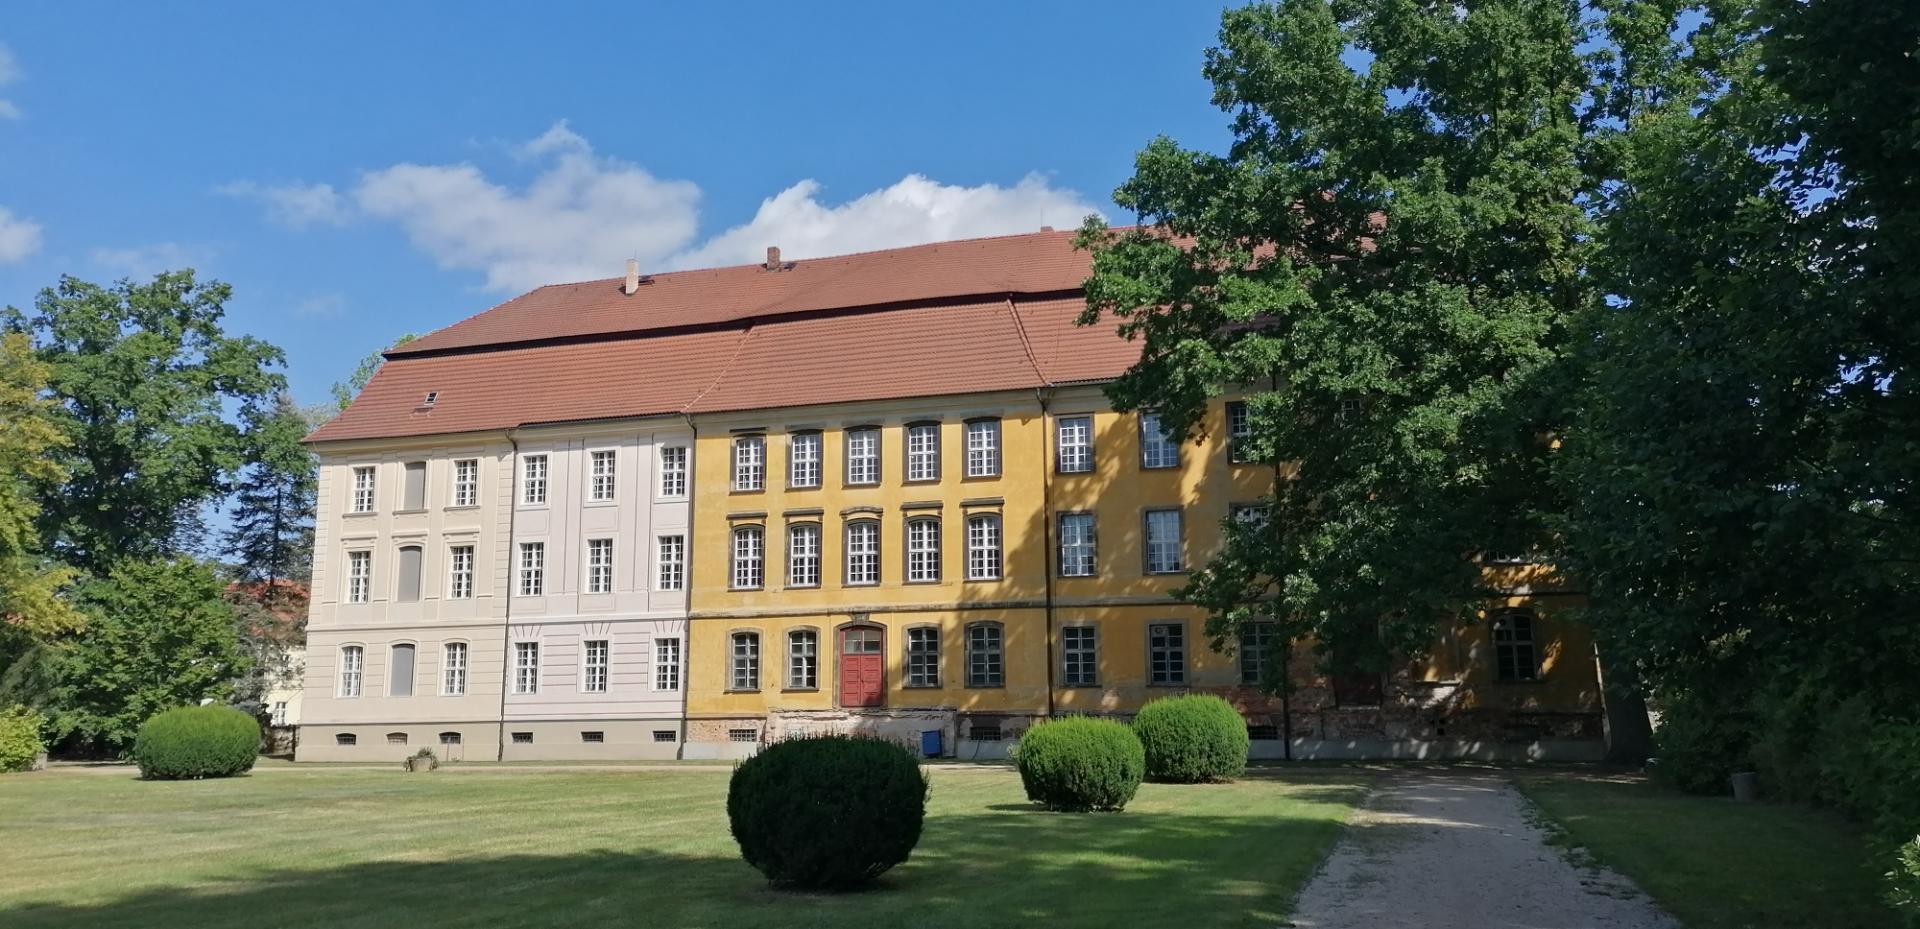 Schloss Lieberose. Foto: Dörthe Ziemer